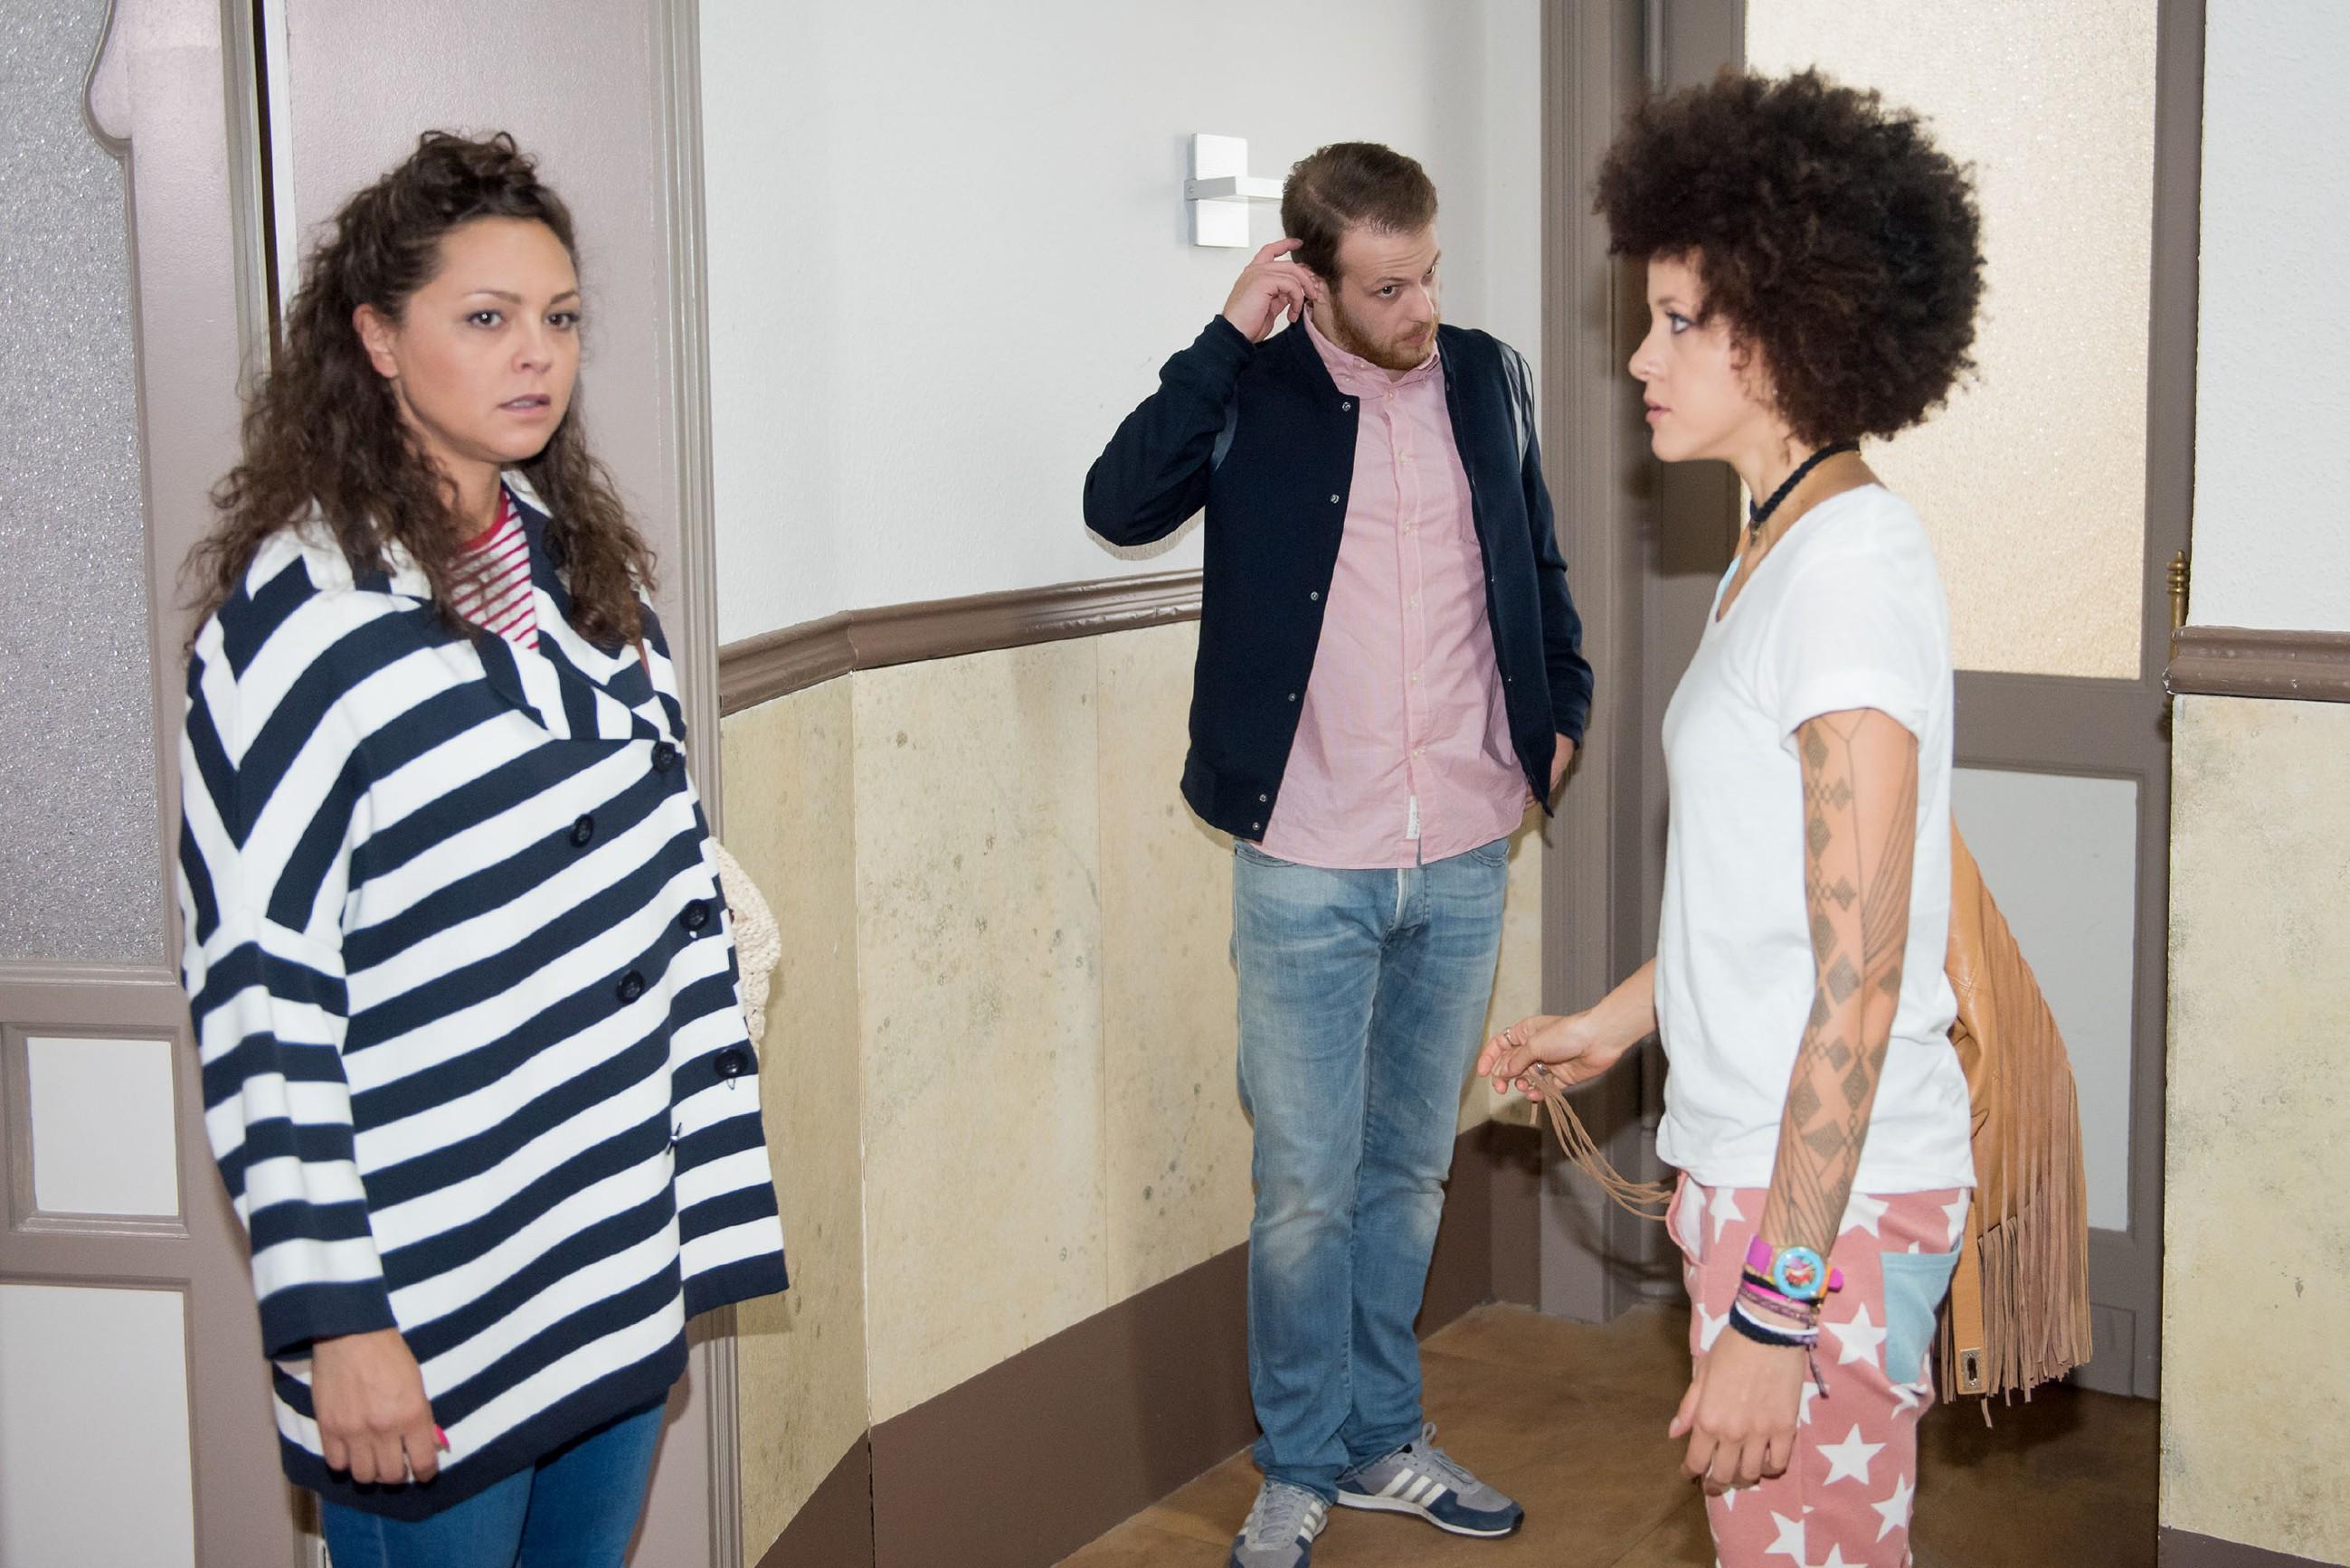 Zwischen Tobias (Patrick Müller), Caro (Ines Kurenbach, l.) und Micki (Joy Lee Juana Abiola-Müller) kommt es zu einem unagenehmen Missverständnis.